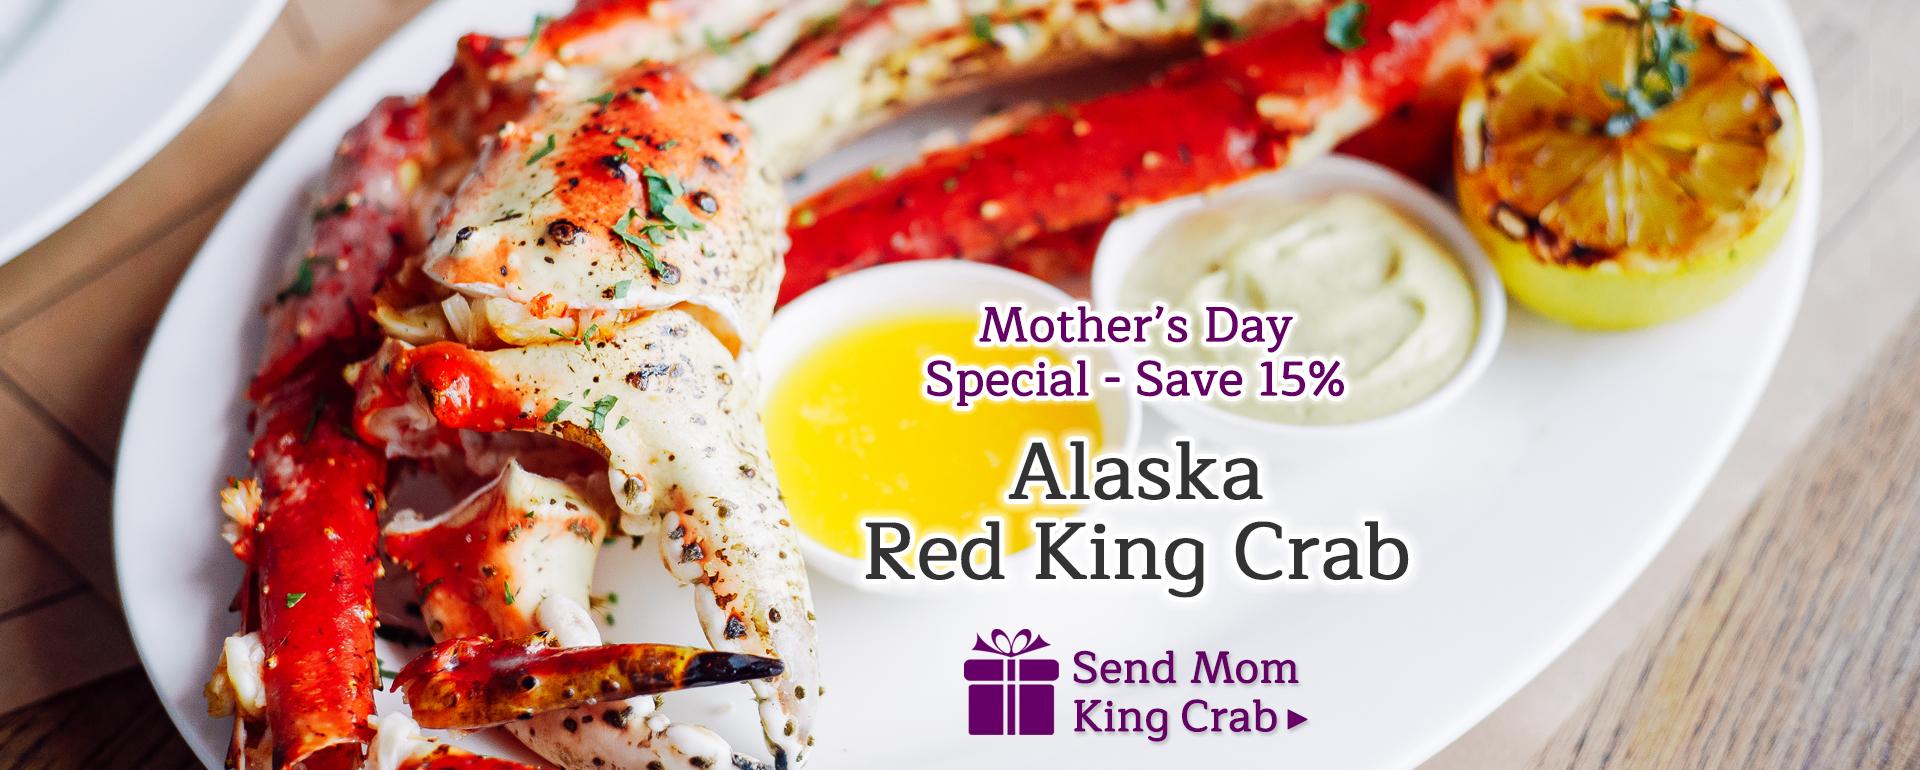 Alaska Red King Crab